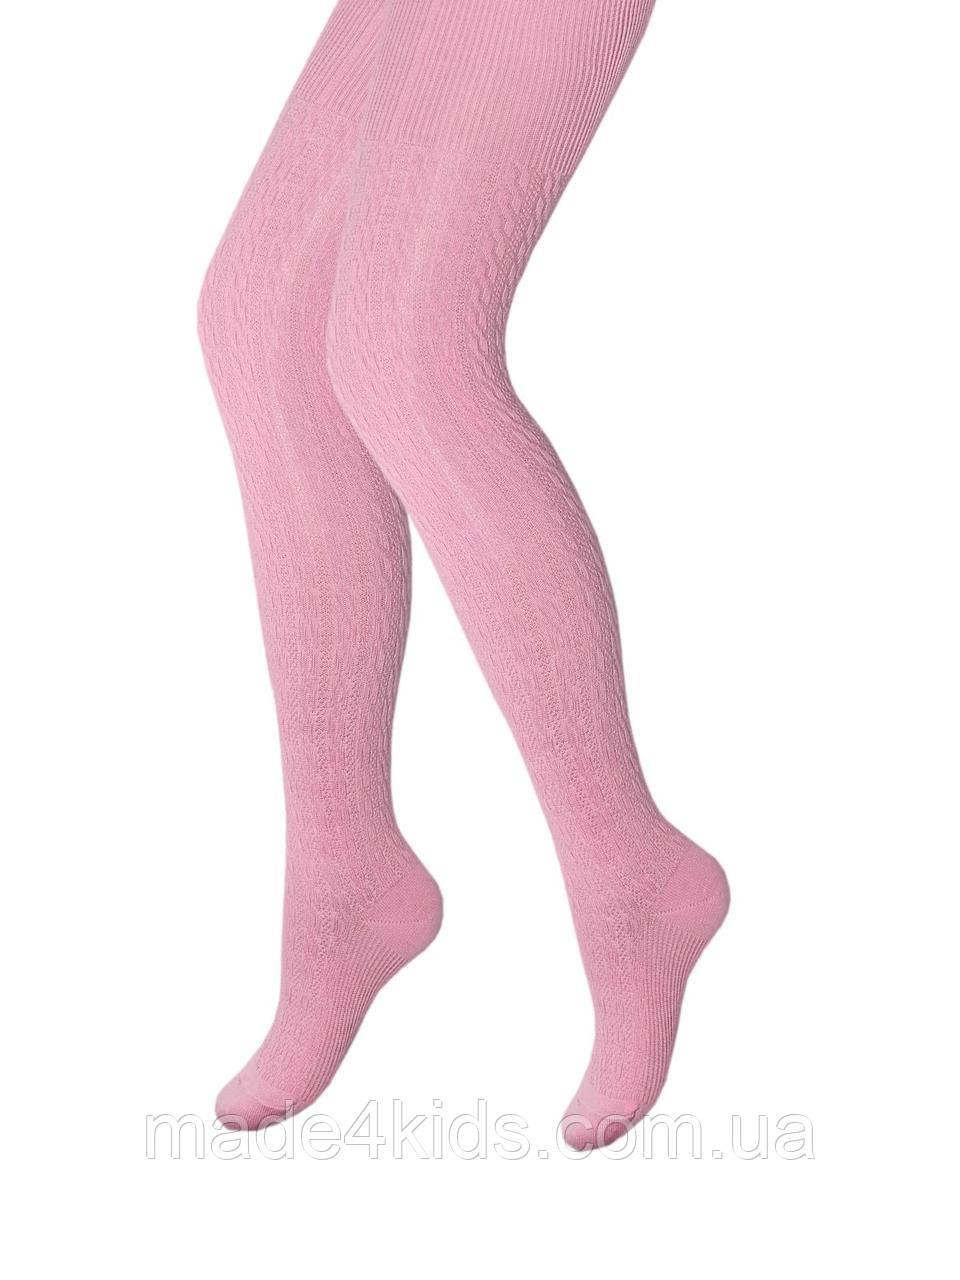 1ad02870f2686 Детские колготы однотонные тм Легка Хода (цвет розовый), цена 74 грн.,  купить в Кривом Роге — Prom.ua (ID#931424085)